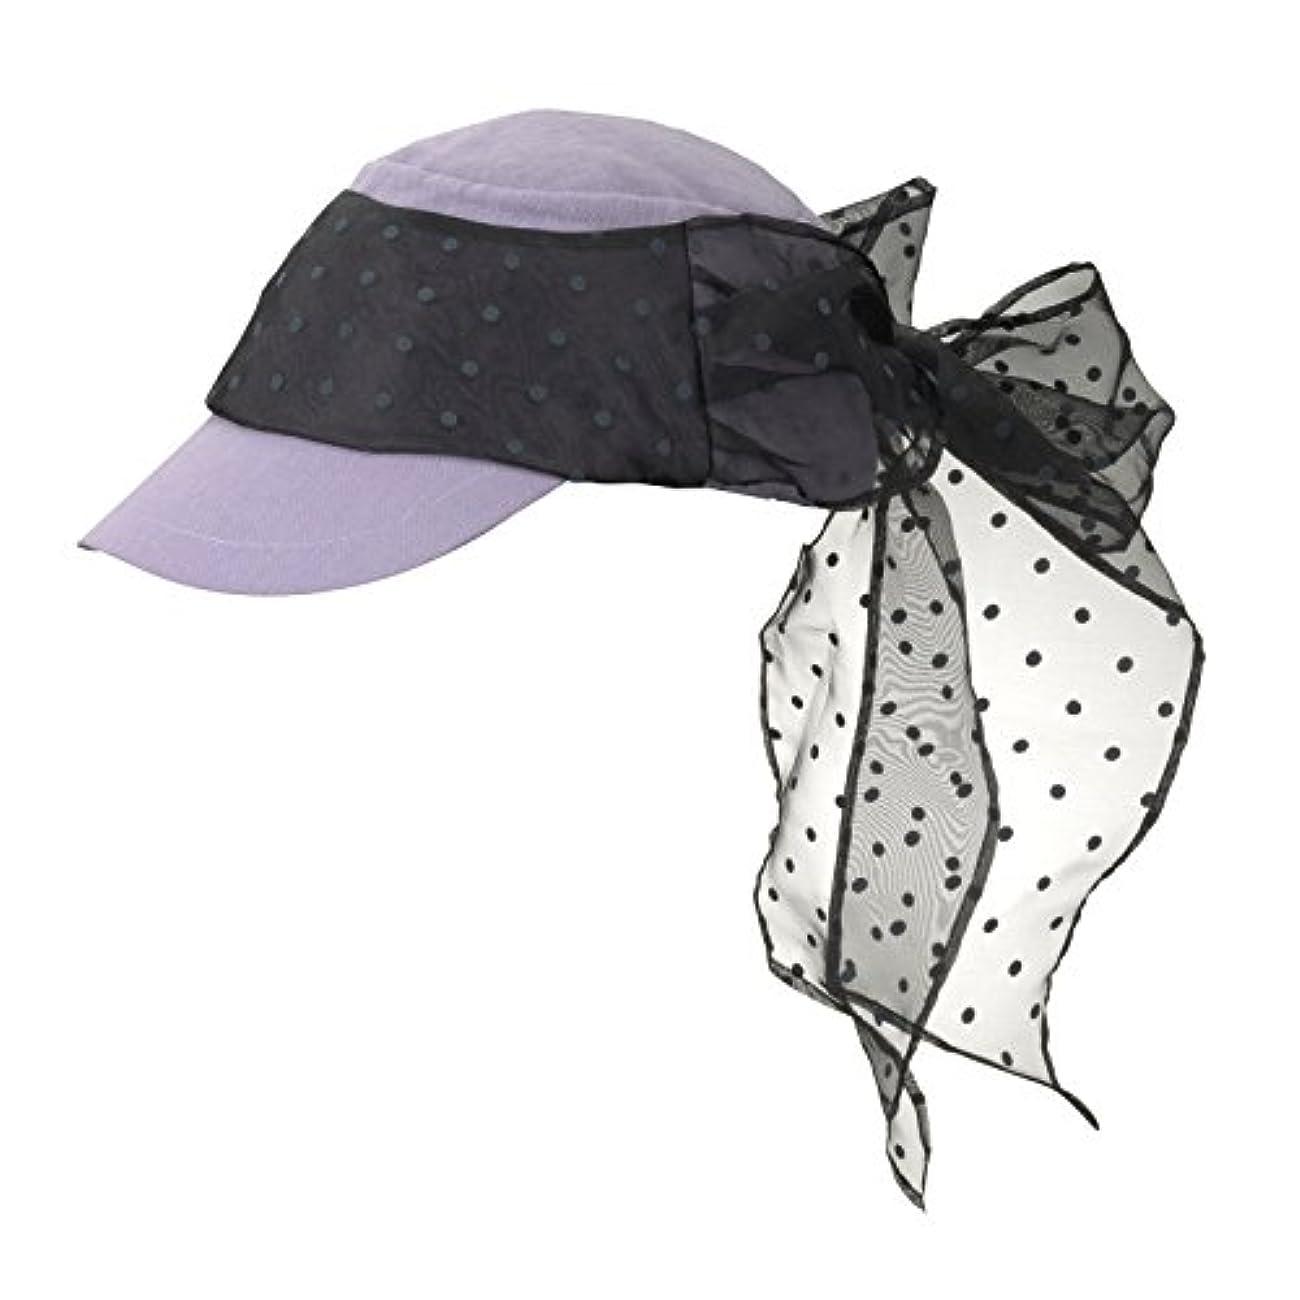 ブレス単位レガシーCAPOR(カポル) カメリア C320YEDL クロッカス M 着せ替え用帽子カバー